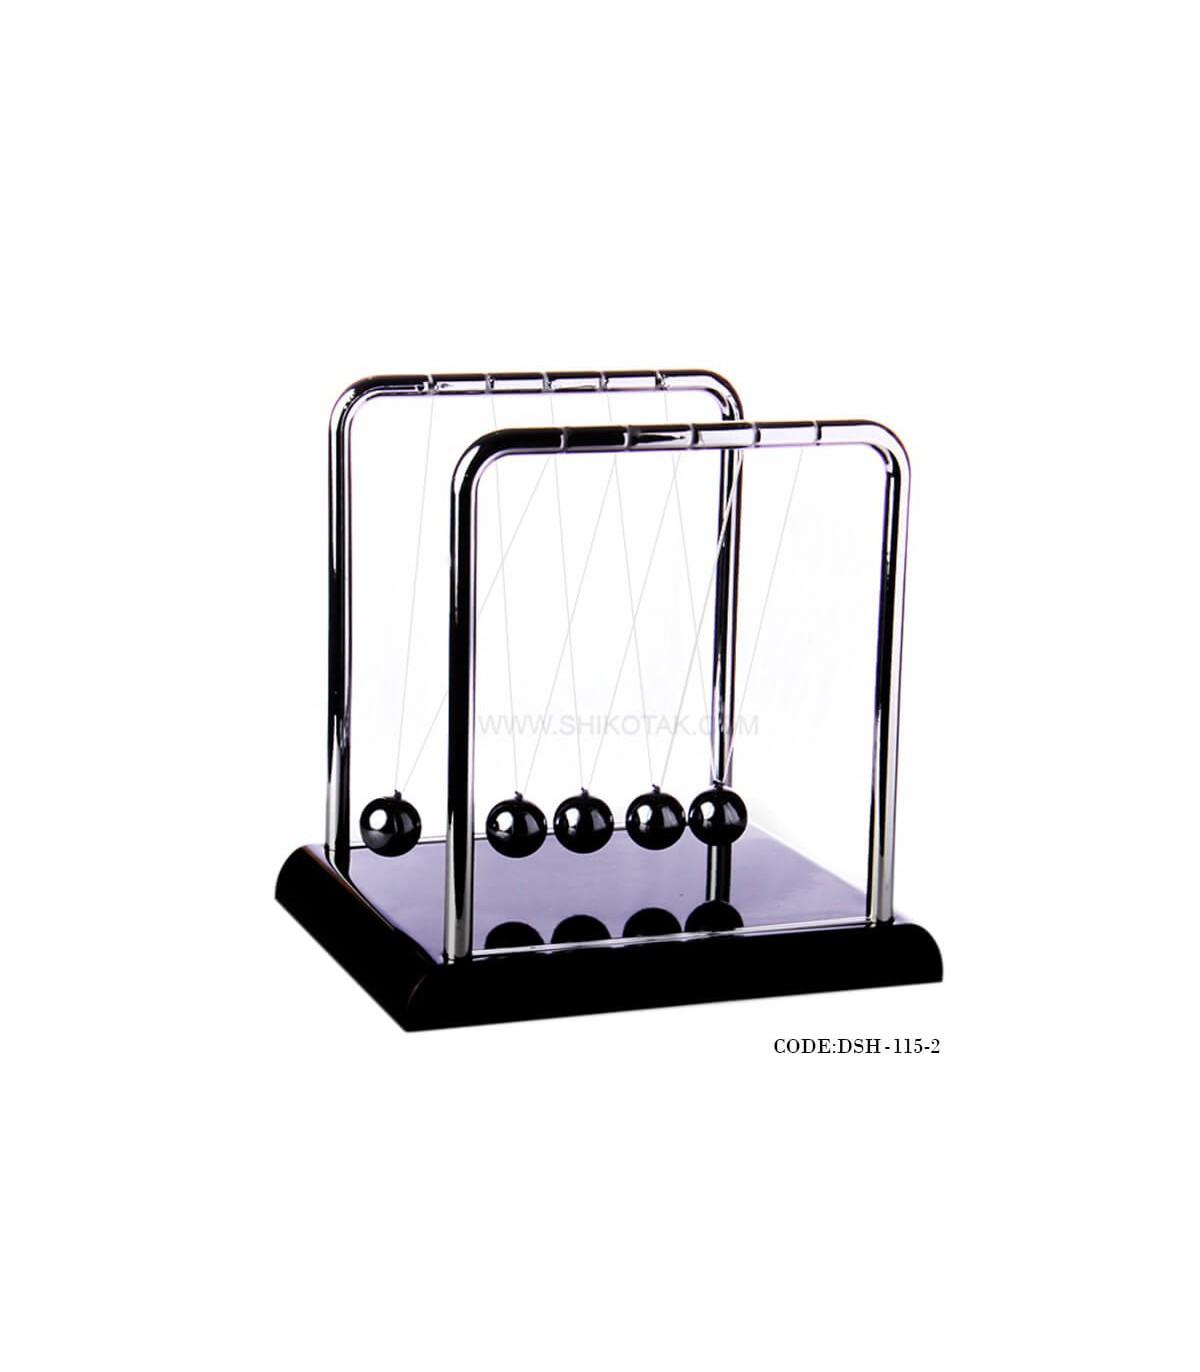 مدل آونگ نیوتونی مربعی شکل